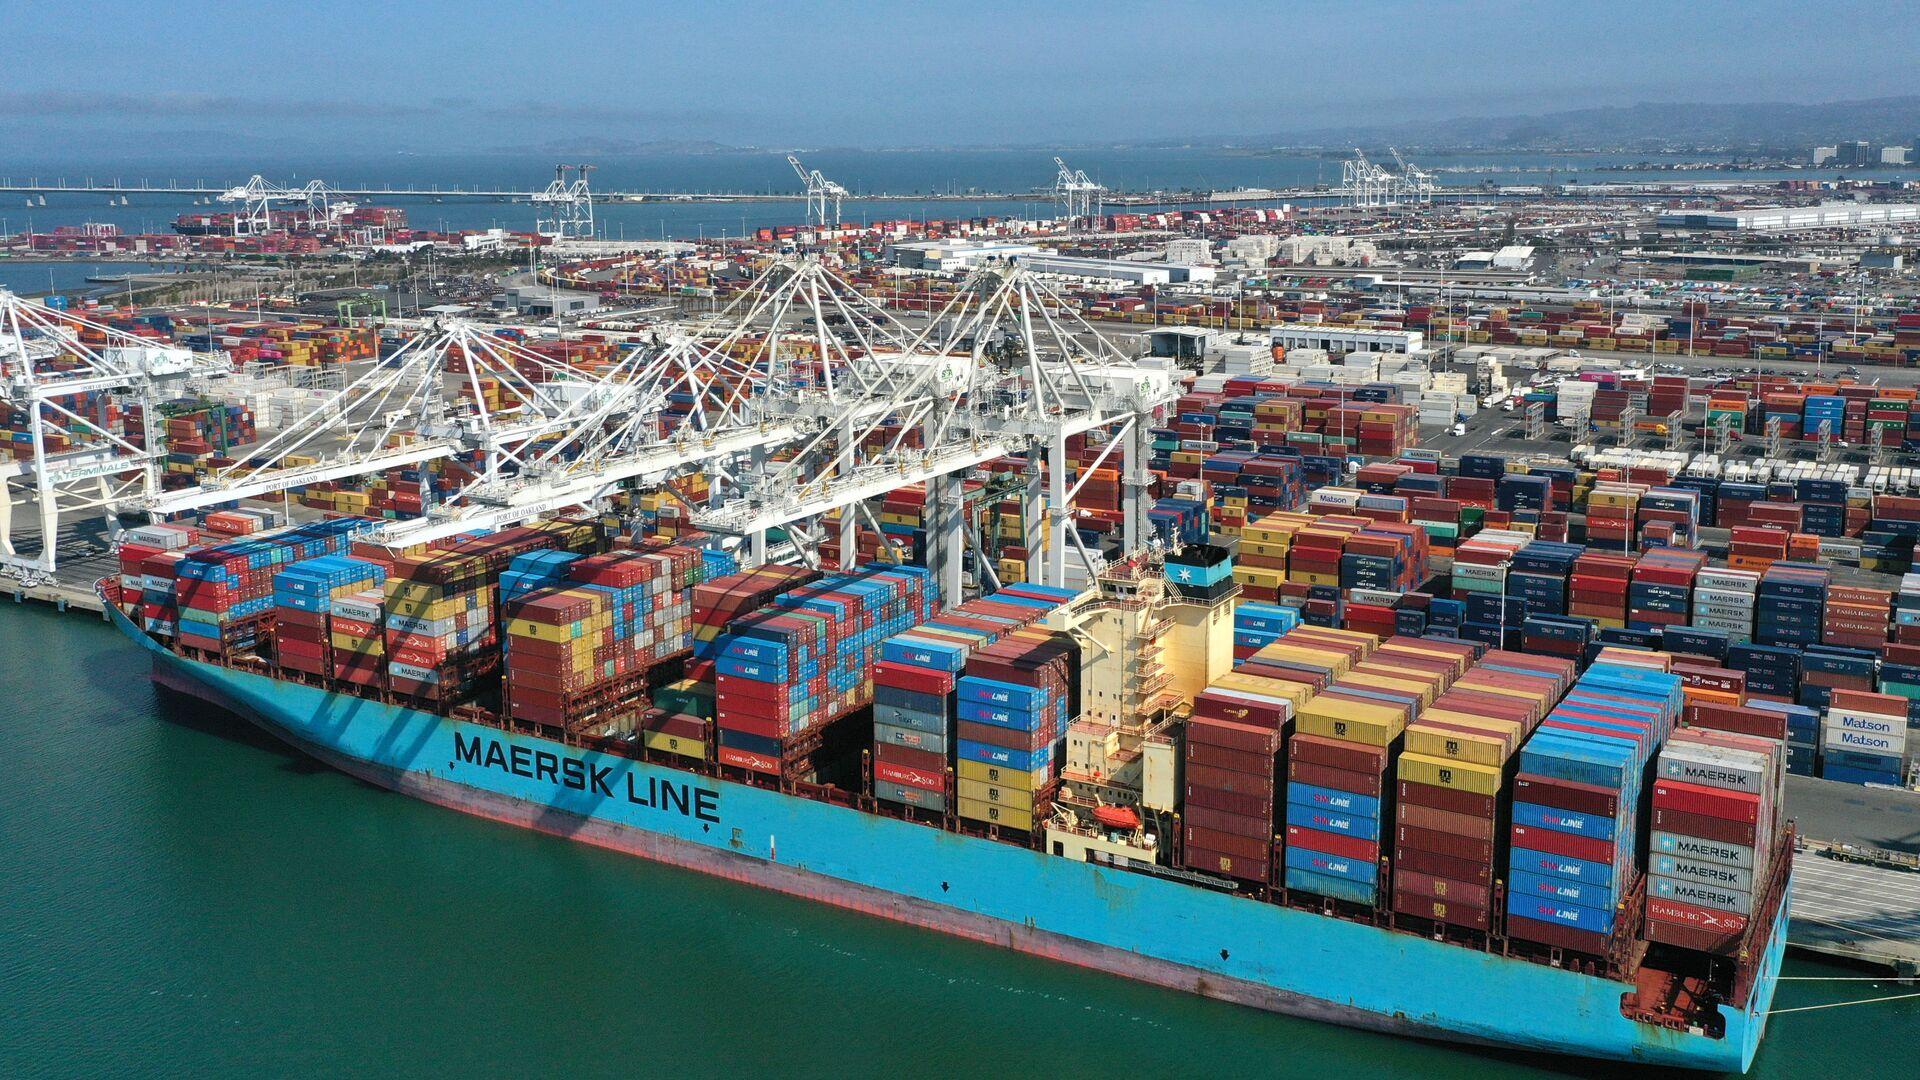 ОКЛЕНД, КАЛИФОРНИЯ - 9 СЕНТЯБРЯ: С высоты птичьего полета морские контейнеры сидят на контейнеровозе в порту Окленда 9 сентября 2021 года в Окленде, Калифорния. Поскольку пандемия COVID-19 продолжается, нехватка транспортных контейнеров привела к резкому росту цен на контейнеры и нарушила цепочку поставок. Год назад стоимость аренды контейнера составляла около 1900 долларов, сейчас - около 14000 долларов. Стоимость стандартного 40-футового контейнера увеличилась вдвое. Джастин Салливан - Sputnik Абхазия, 1920, 06.10.2021